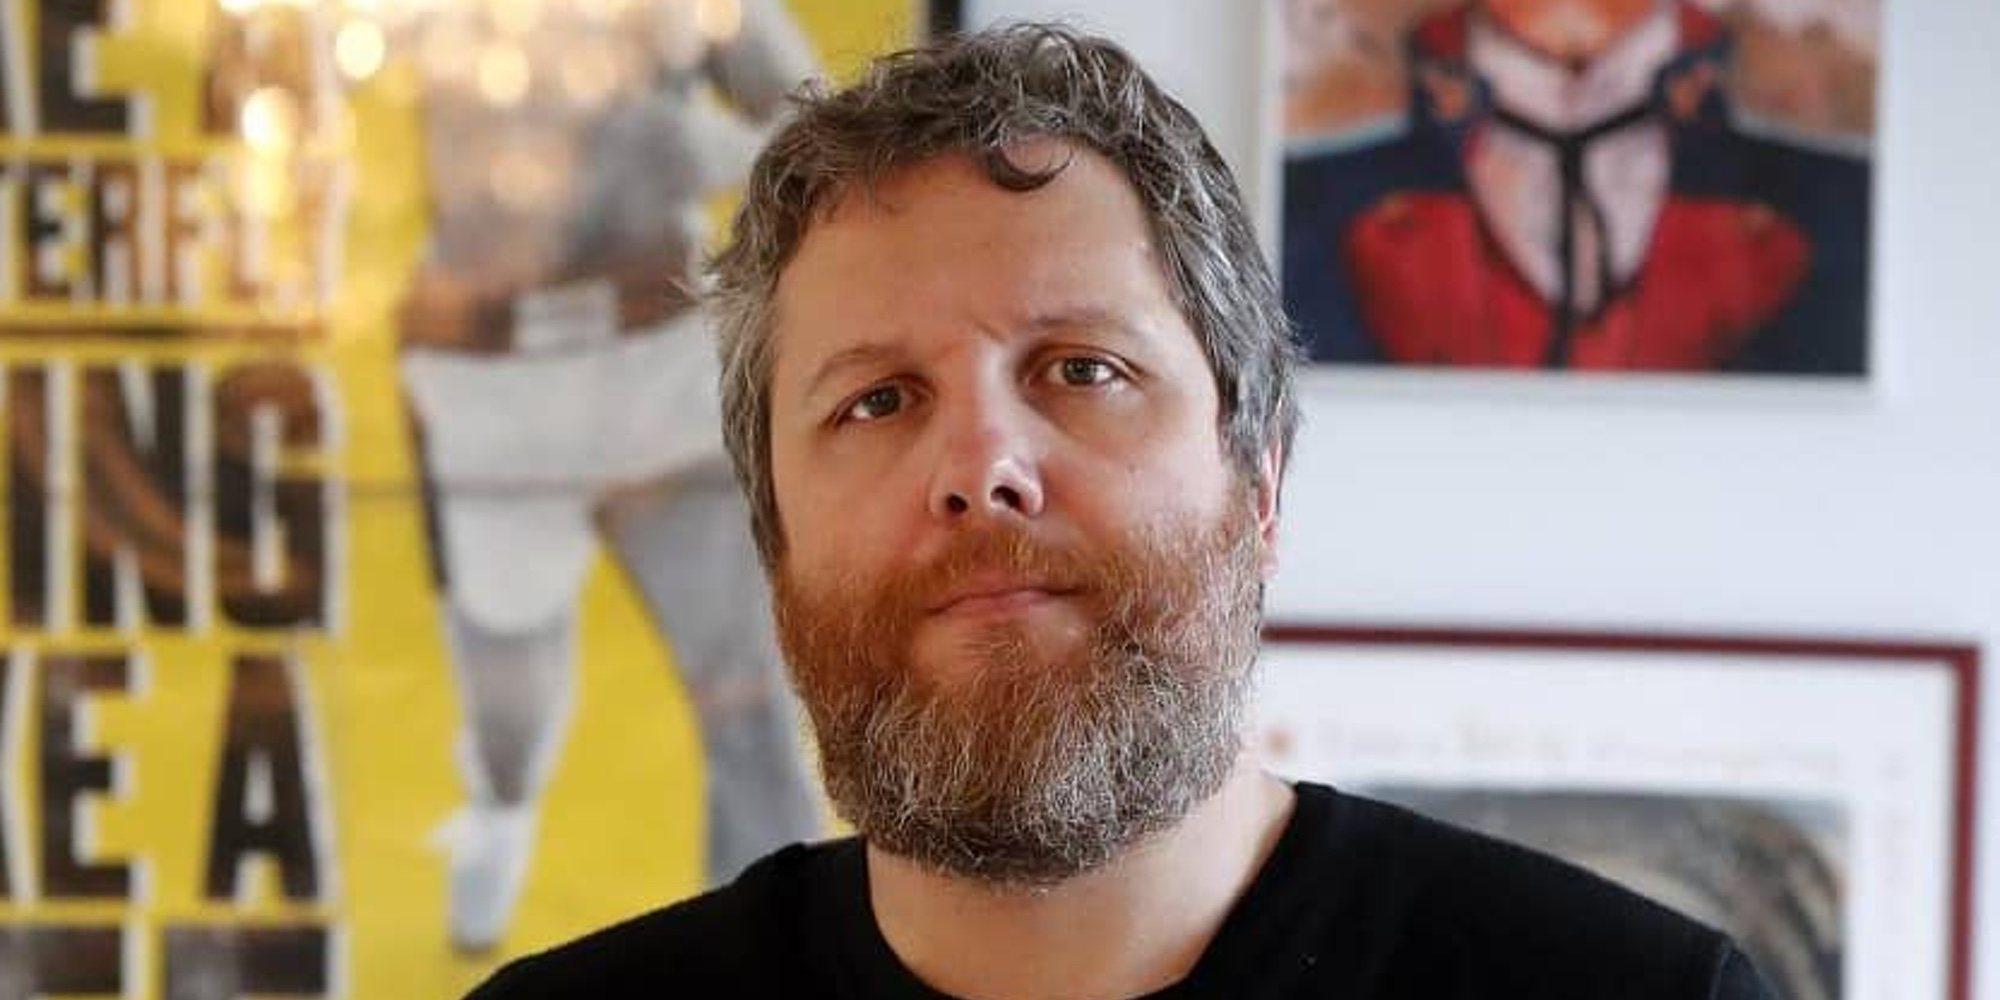 Muere el periodista David Gistau a los 49 años